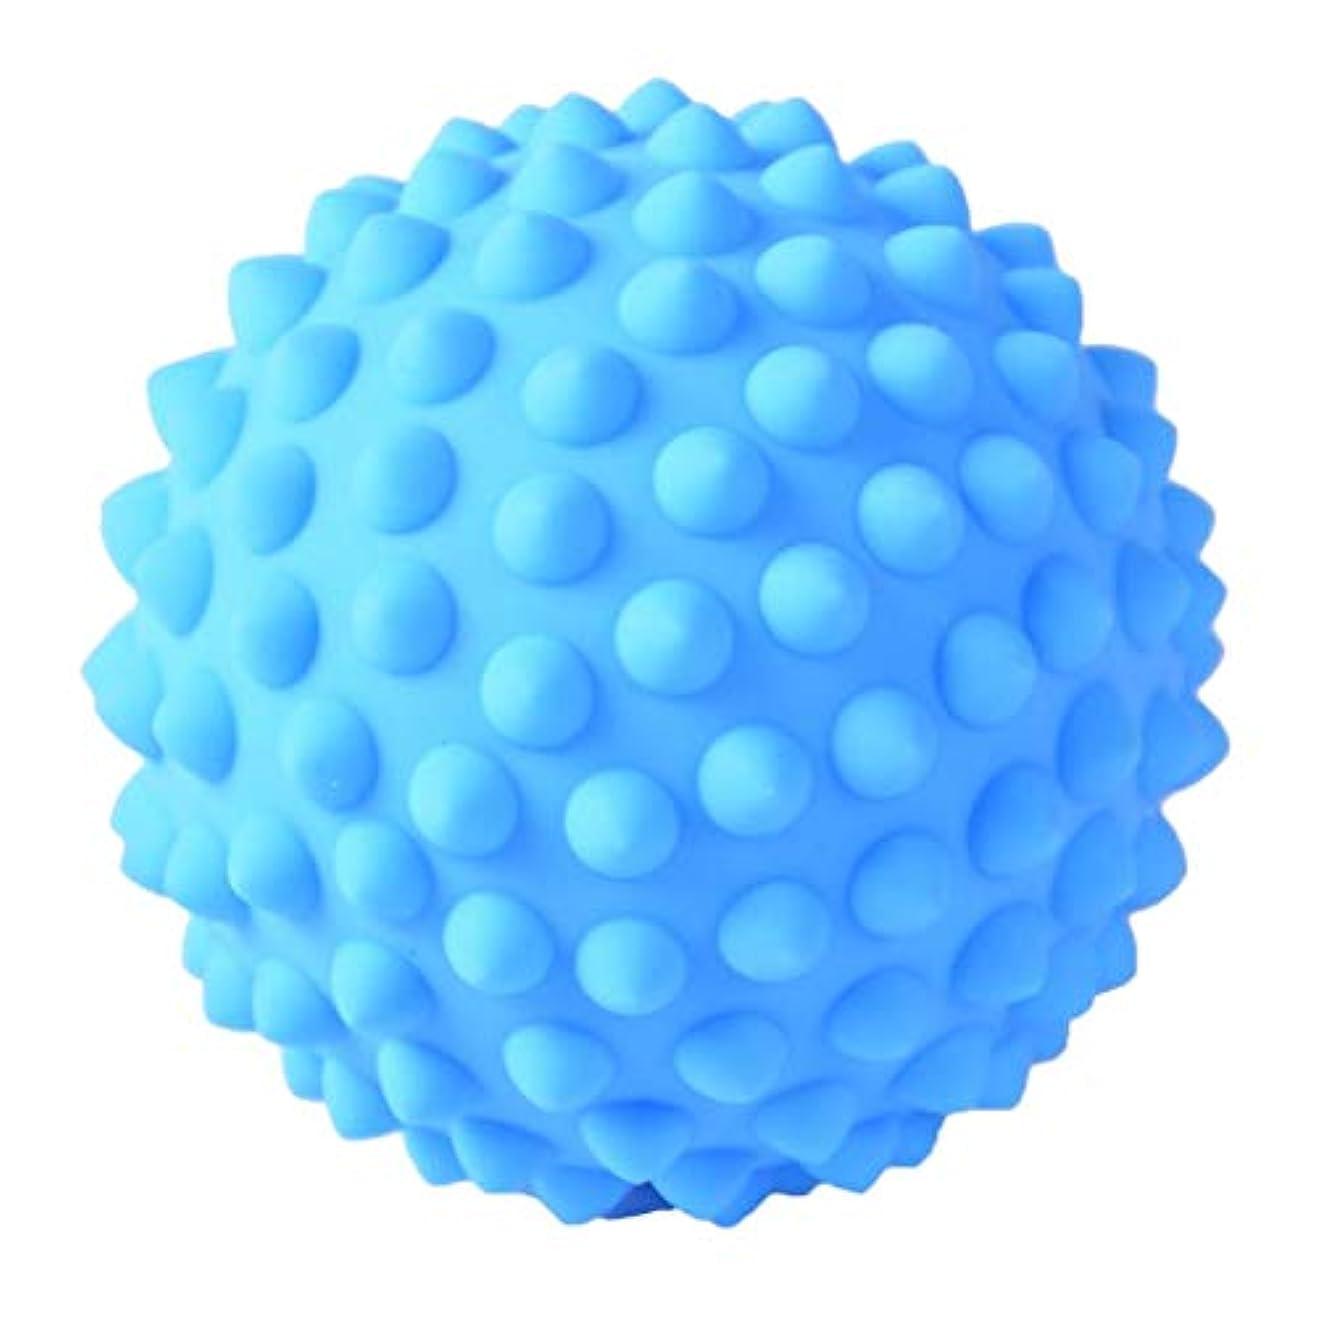 穀物誰の泣き叫ぶD DOLITY マッサージボール PVC製 約9 cm 3色選べ - 青, 説明のとおり